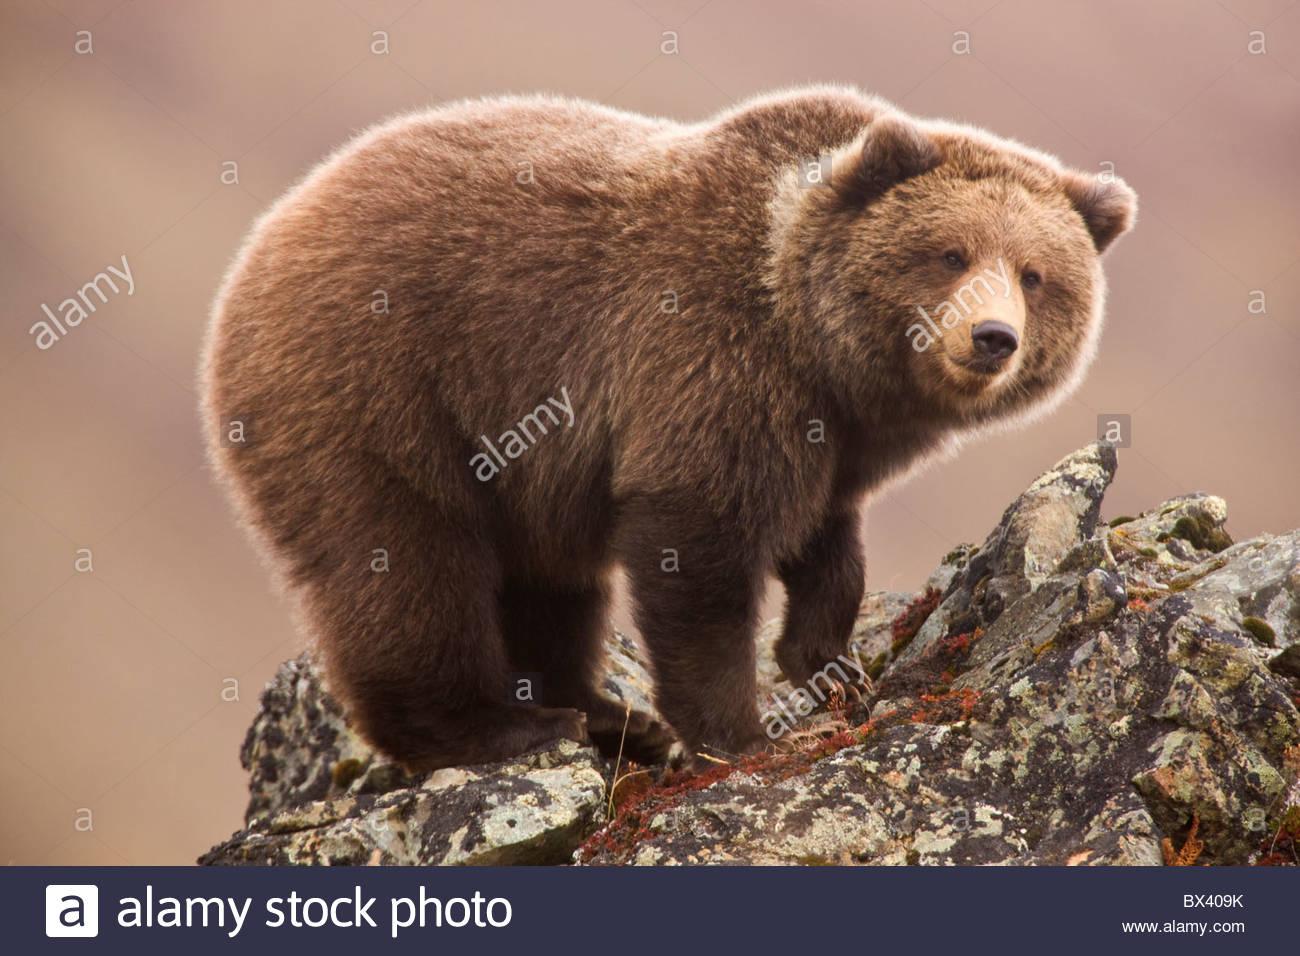 Grizzly Bär, Braunbär, Denali-Nationalpark, Alaska auch genannt. Stockbild